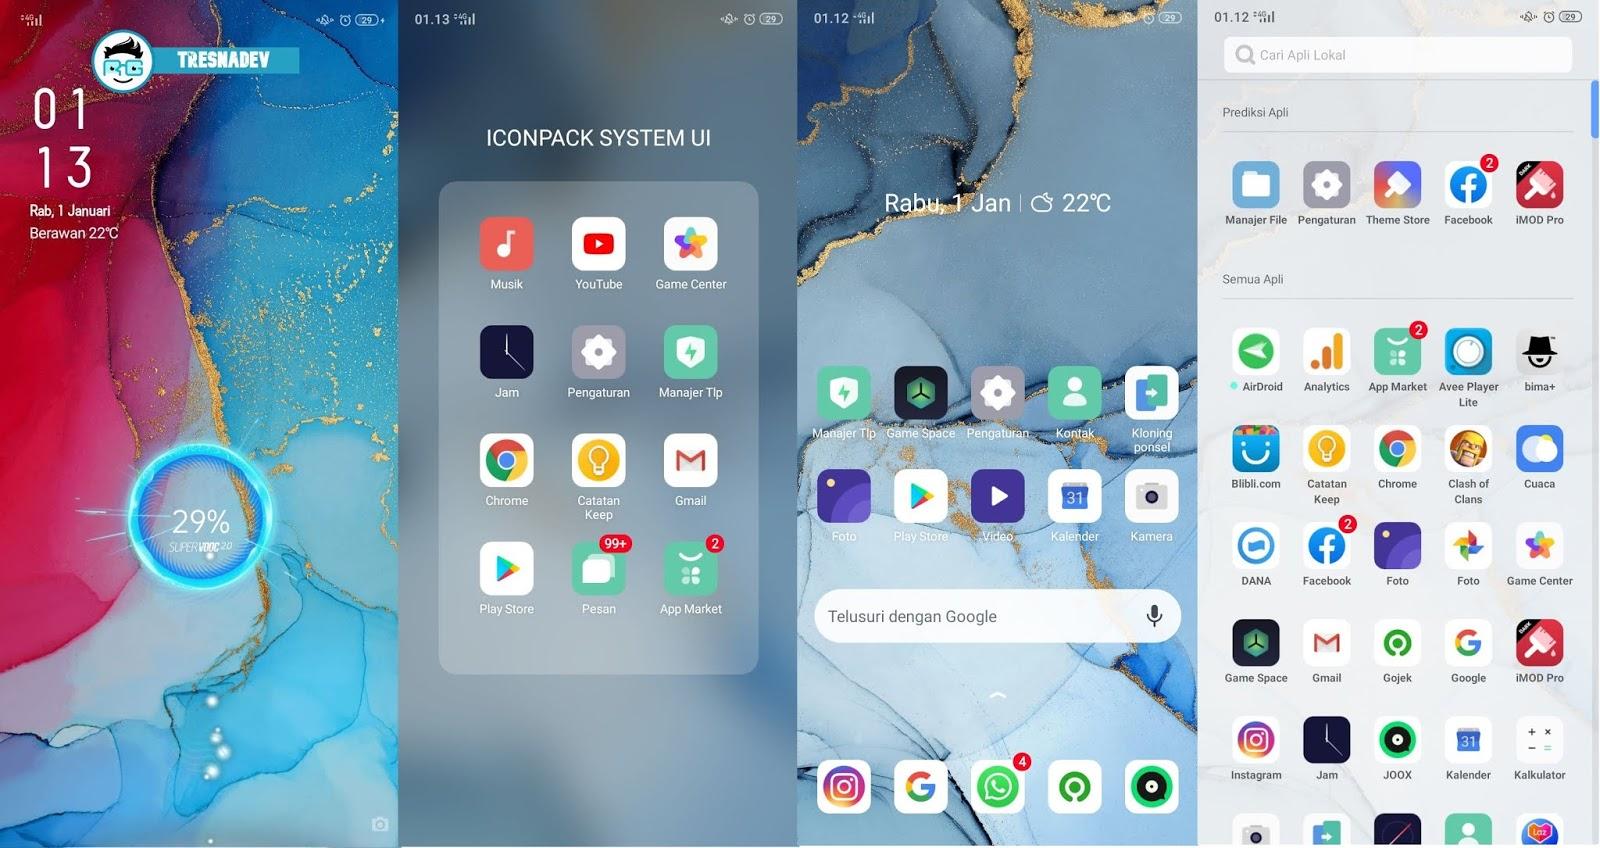 Themes Oppo Reno 3 Pro UI for OPPO & Realme